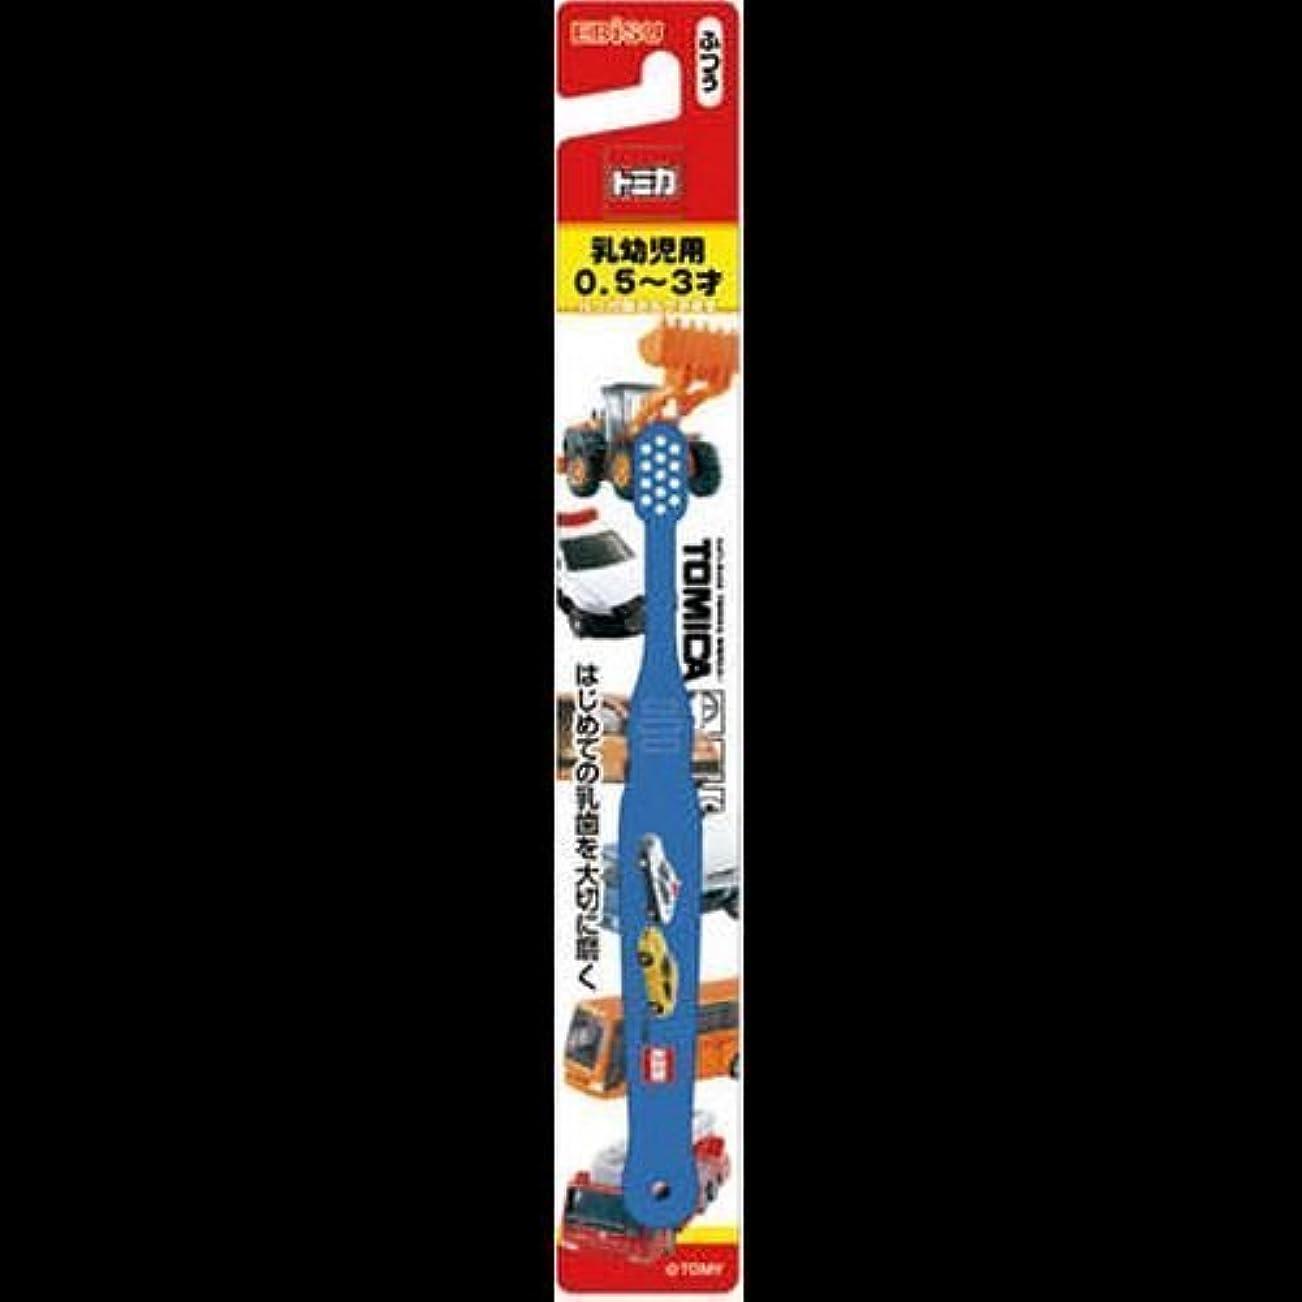 変色するステッチ変成器【まとめ買い】トミカ ハブラシ 0.5ー3才 ×2セット